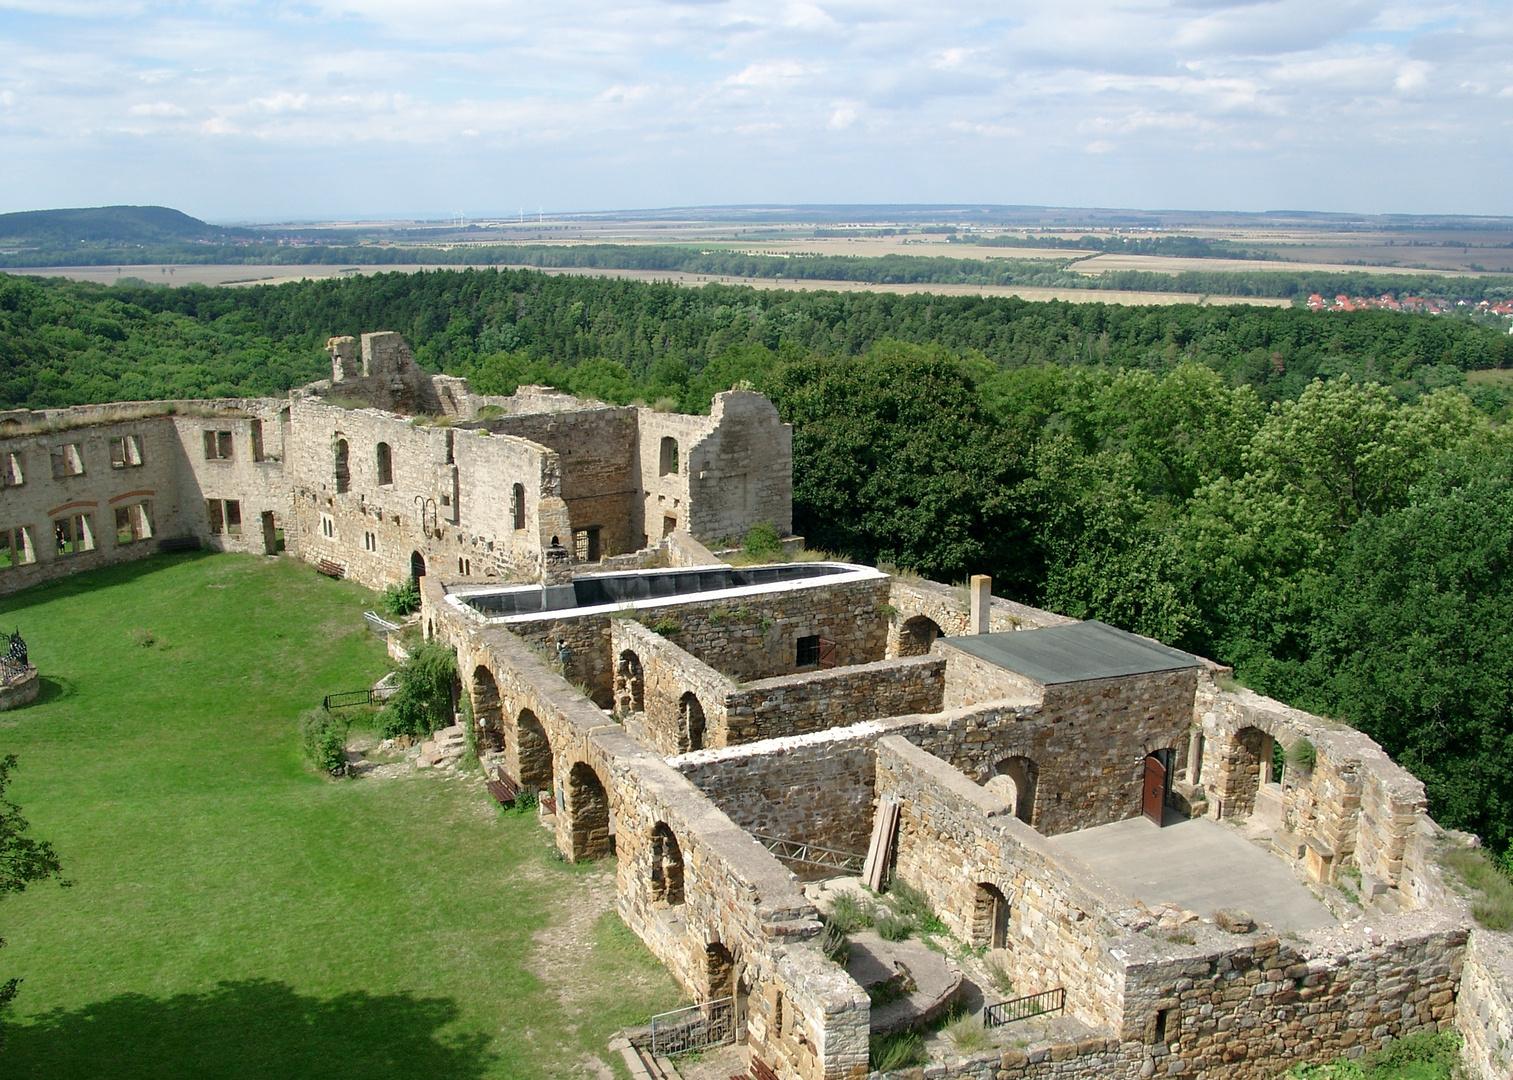 Ansicht der Burgruine Gleichen vom Bergfried